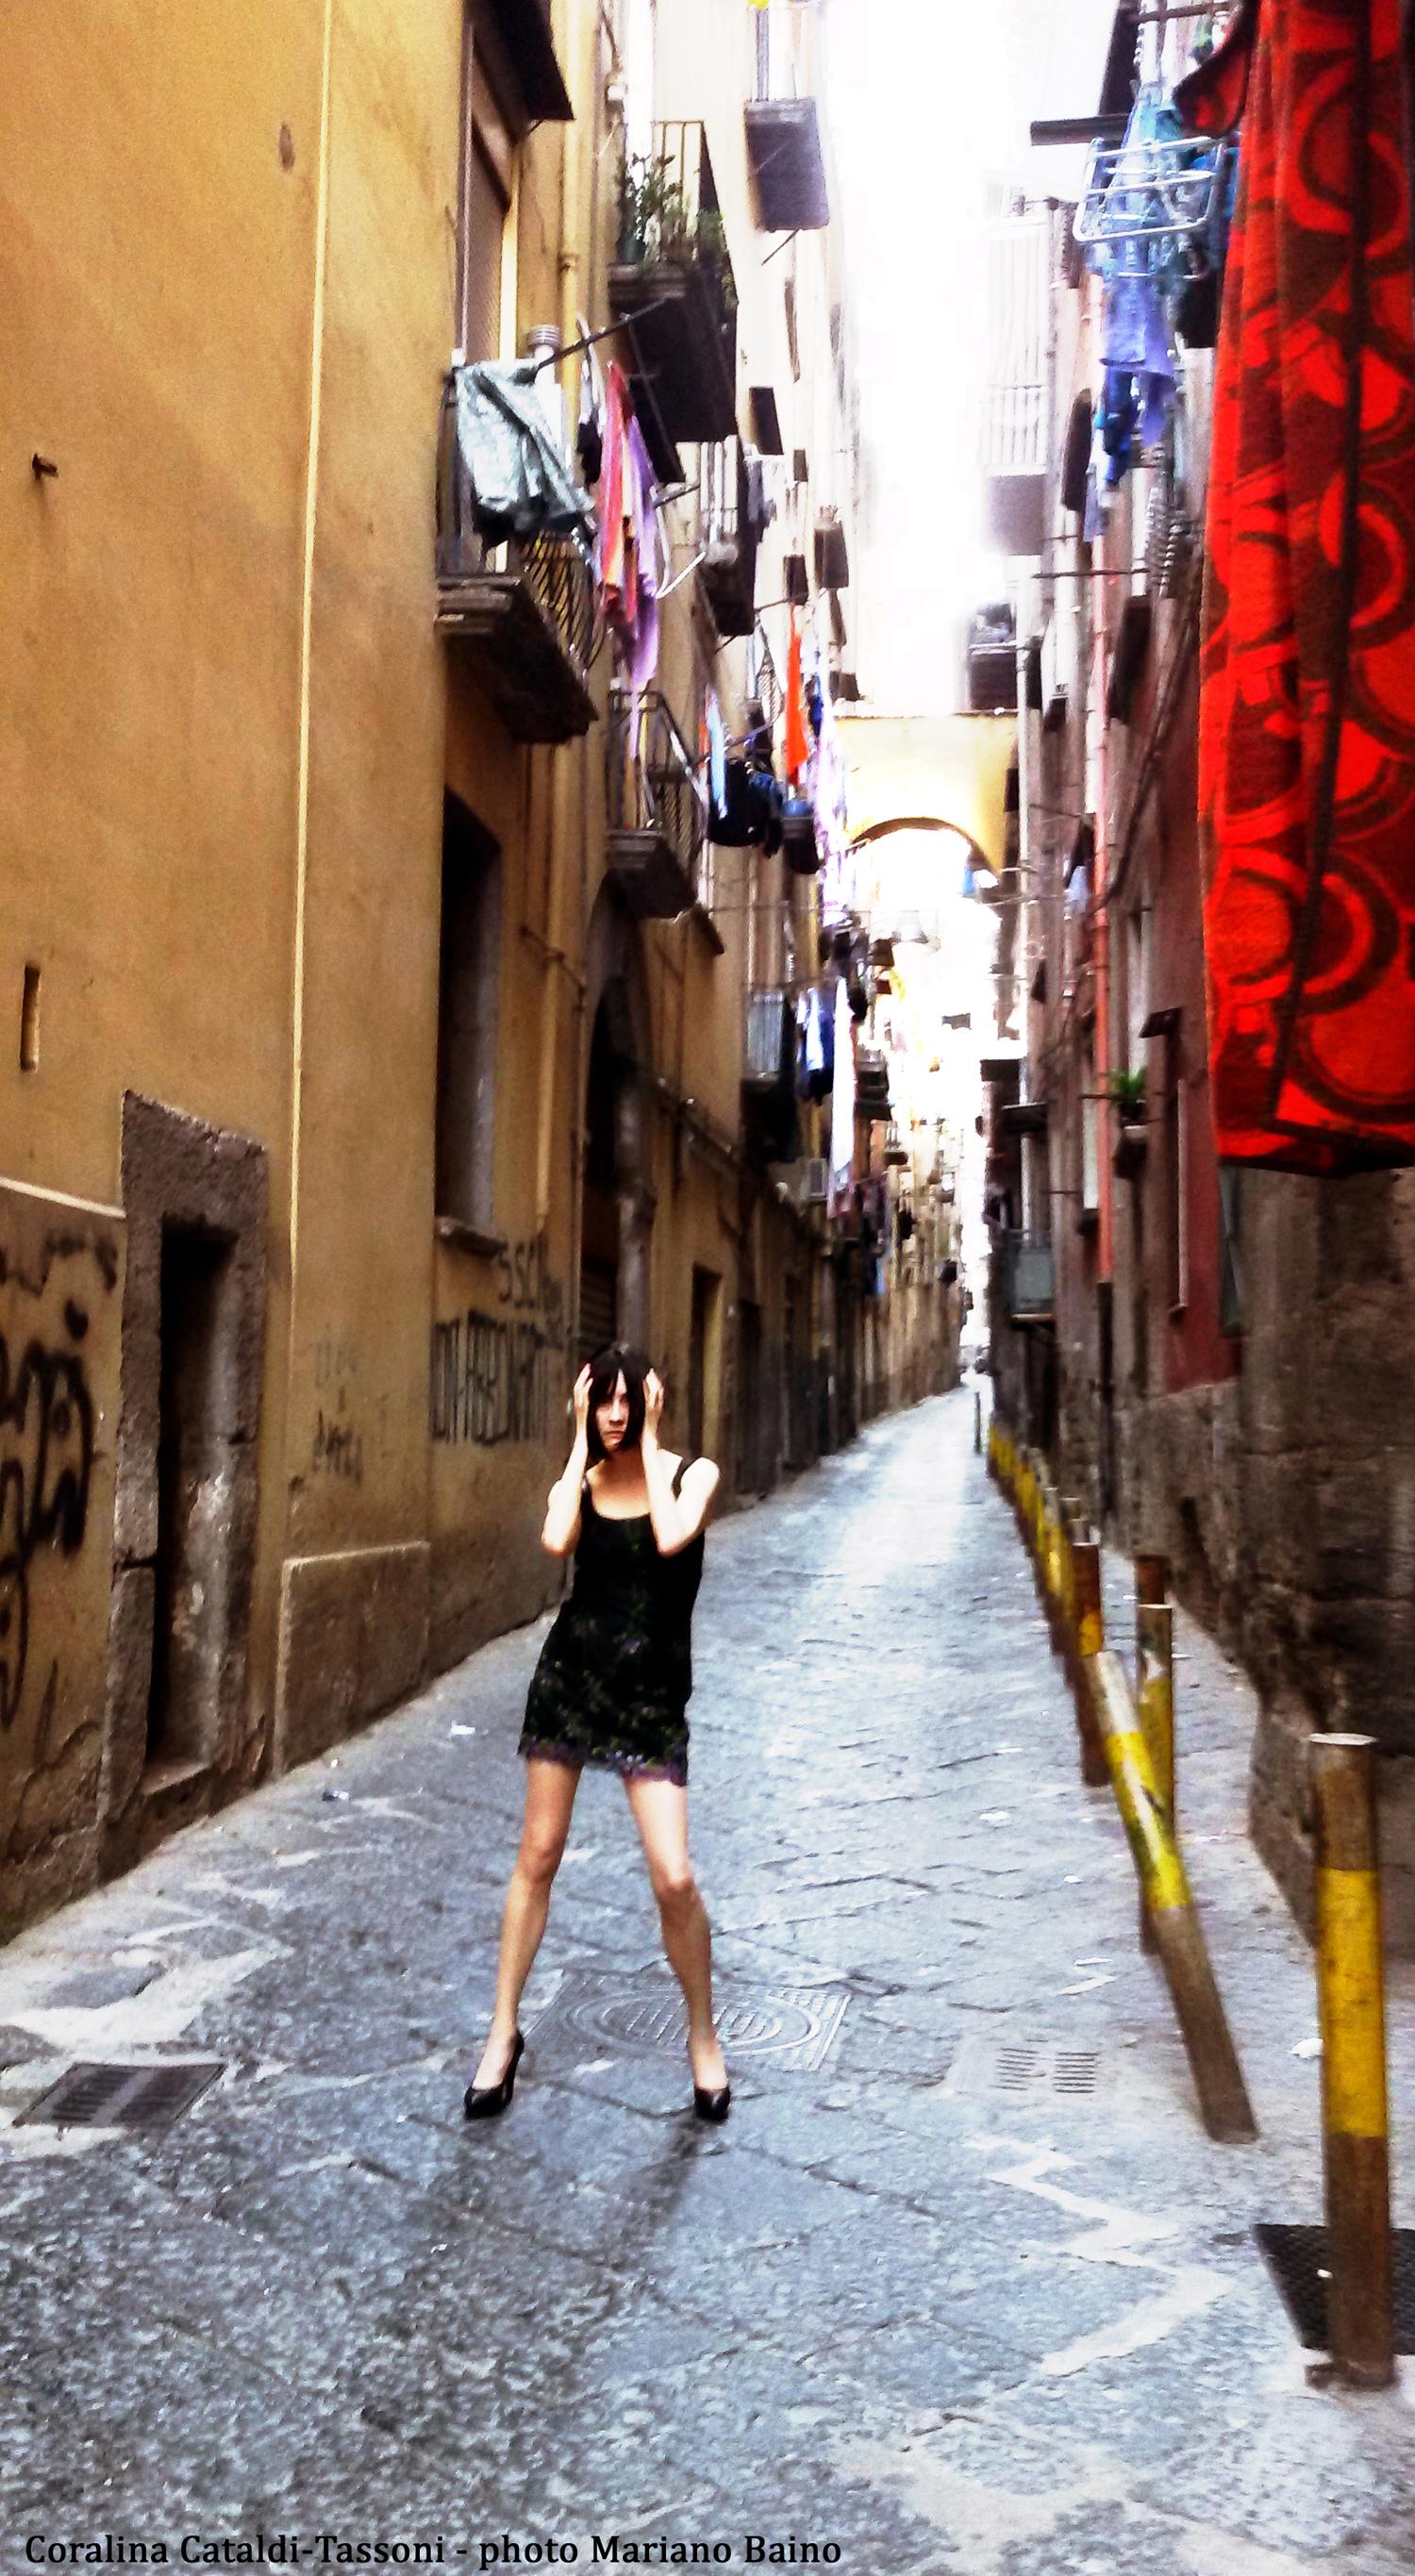 Actress Coralina Cataldi-Tassoni photo Mariano Baino copyright 2015 (9).jpg